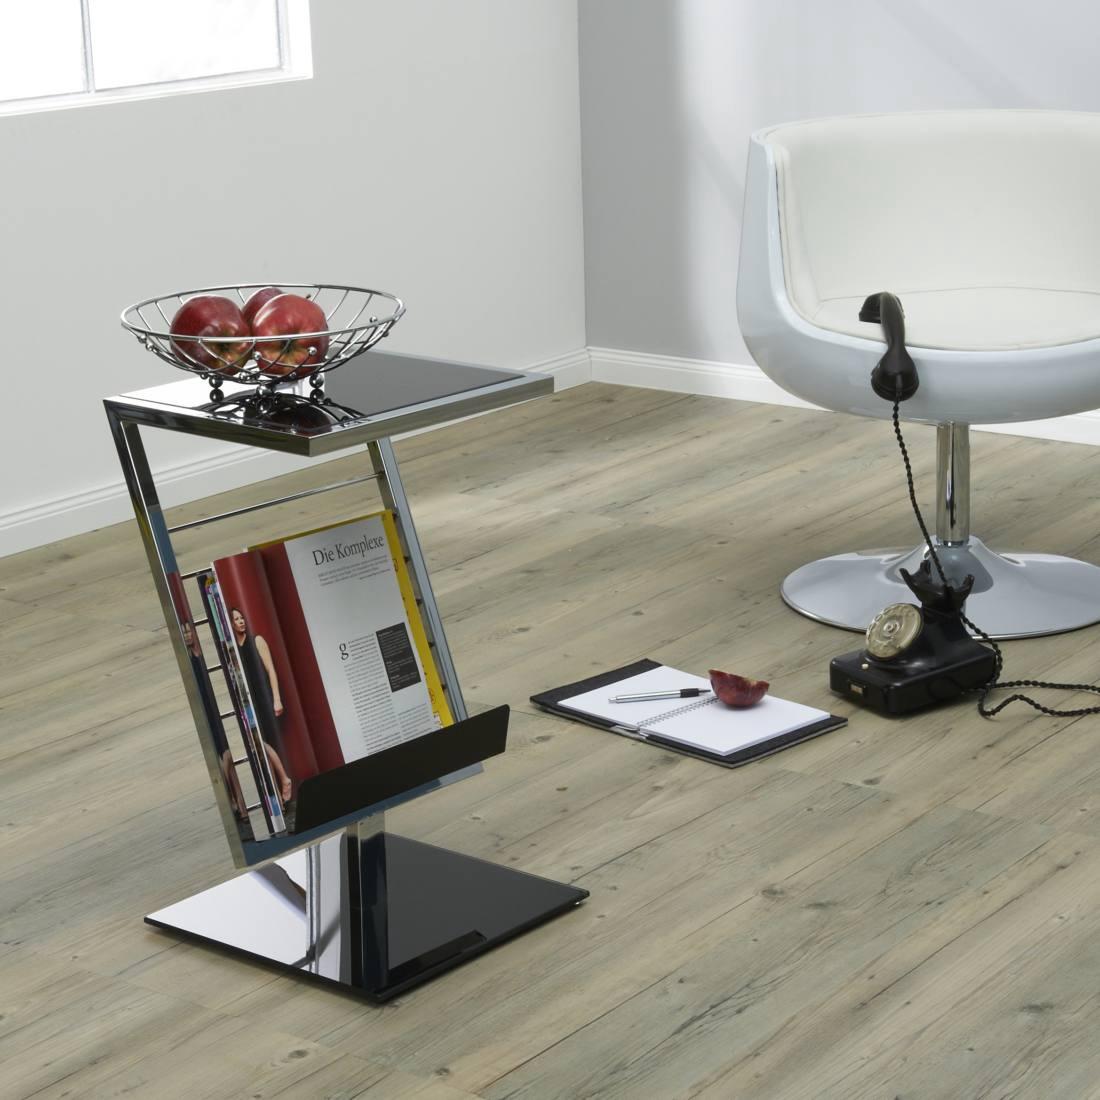 Beistelltisch Von Home Design Bei Home24 Bestellen | Home24